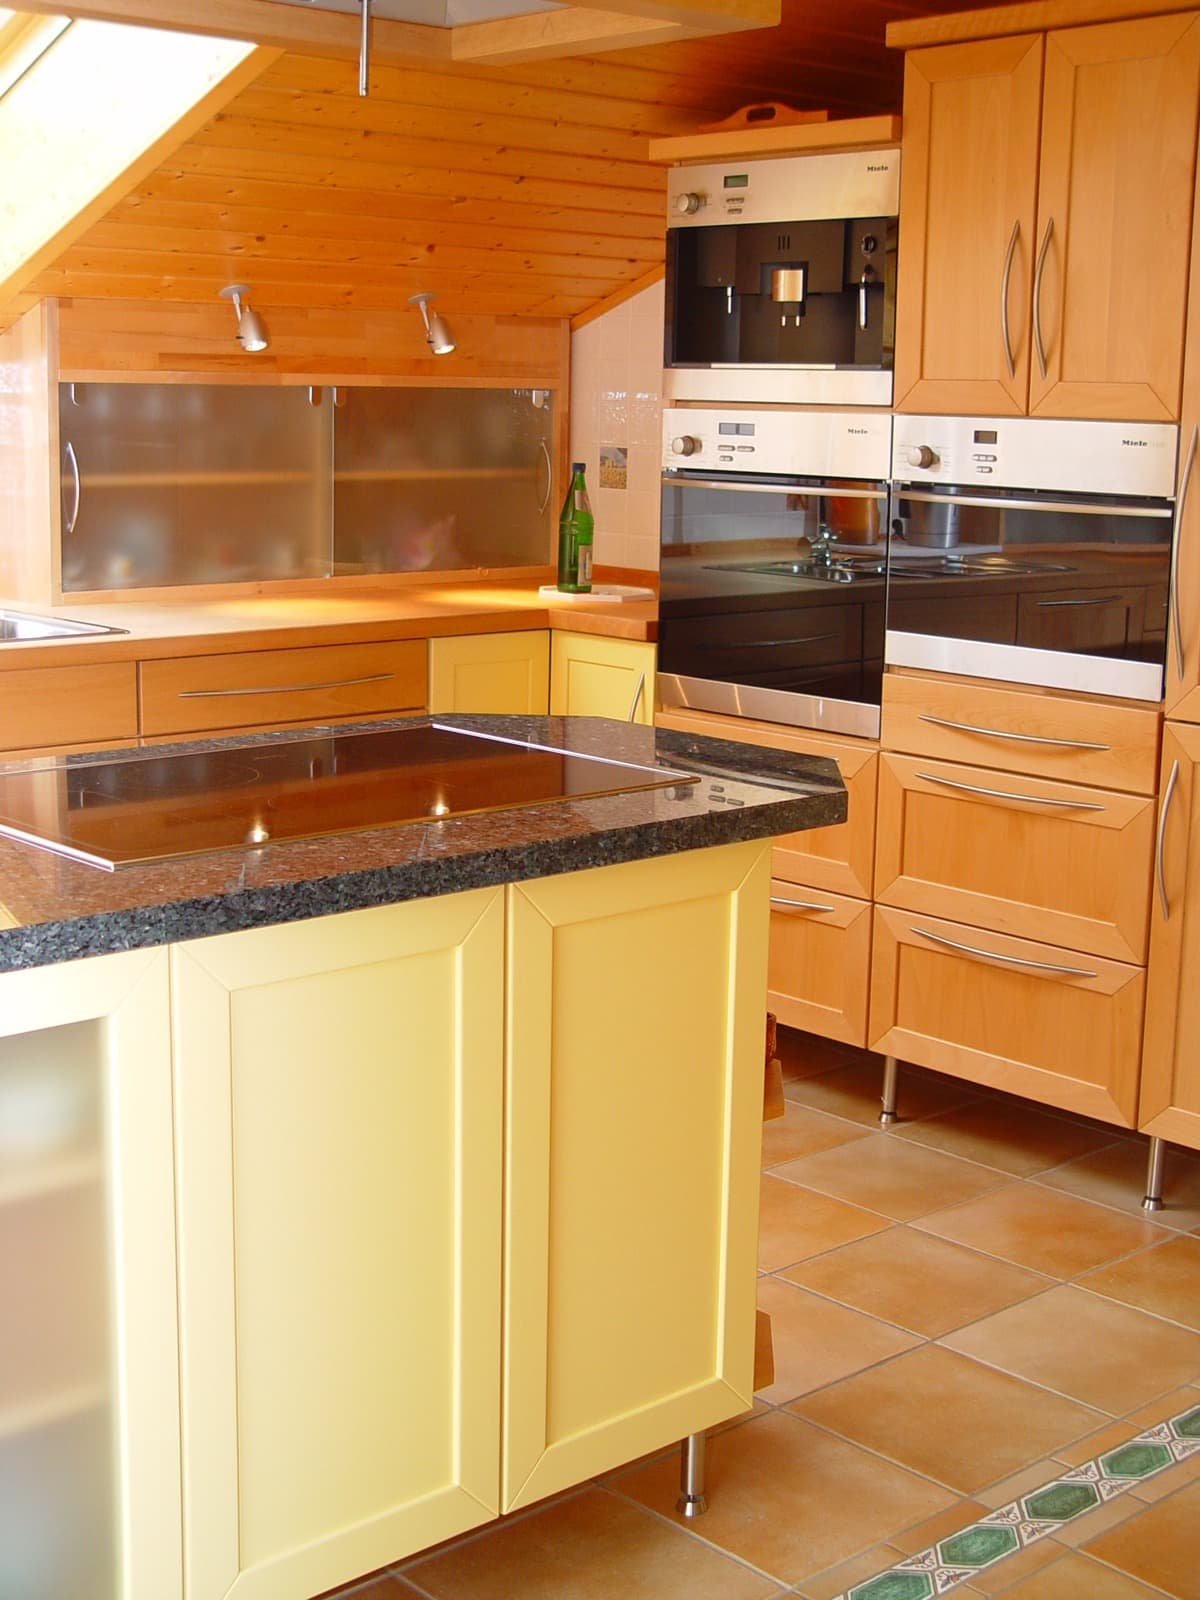 Massivholzküche in der Dachschräge mit Glas-Schiebetüren und deckend lackierten Fronten